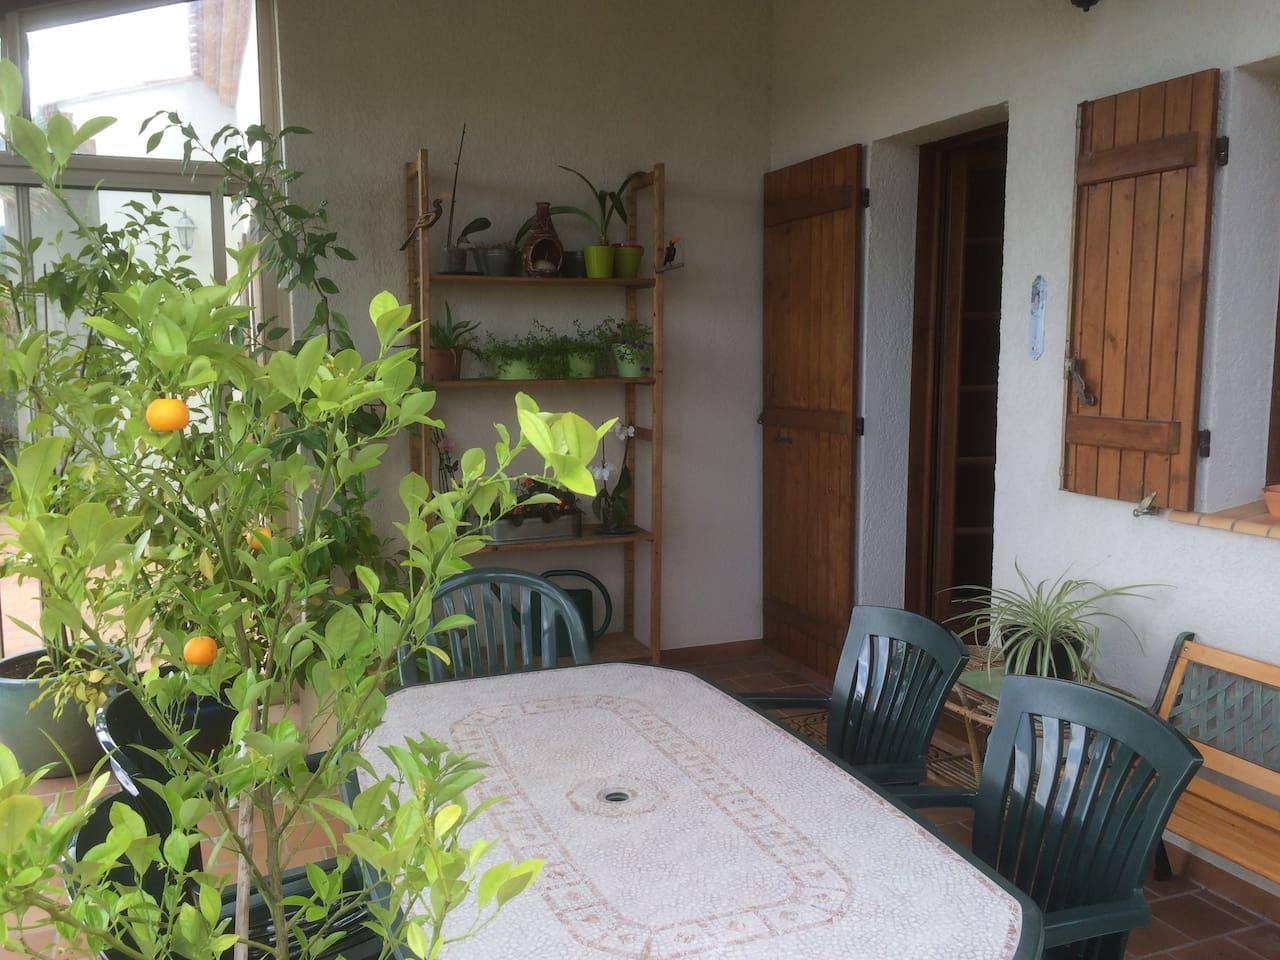 Terrasse protégée du vent, très agréable pour les repas et la vue sur les vignes environnantes.